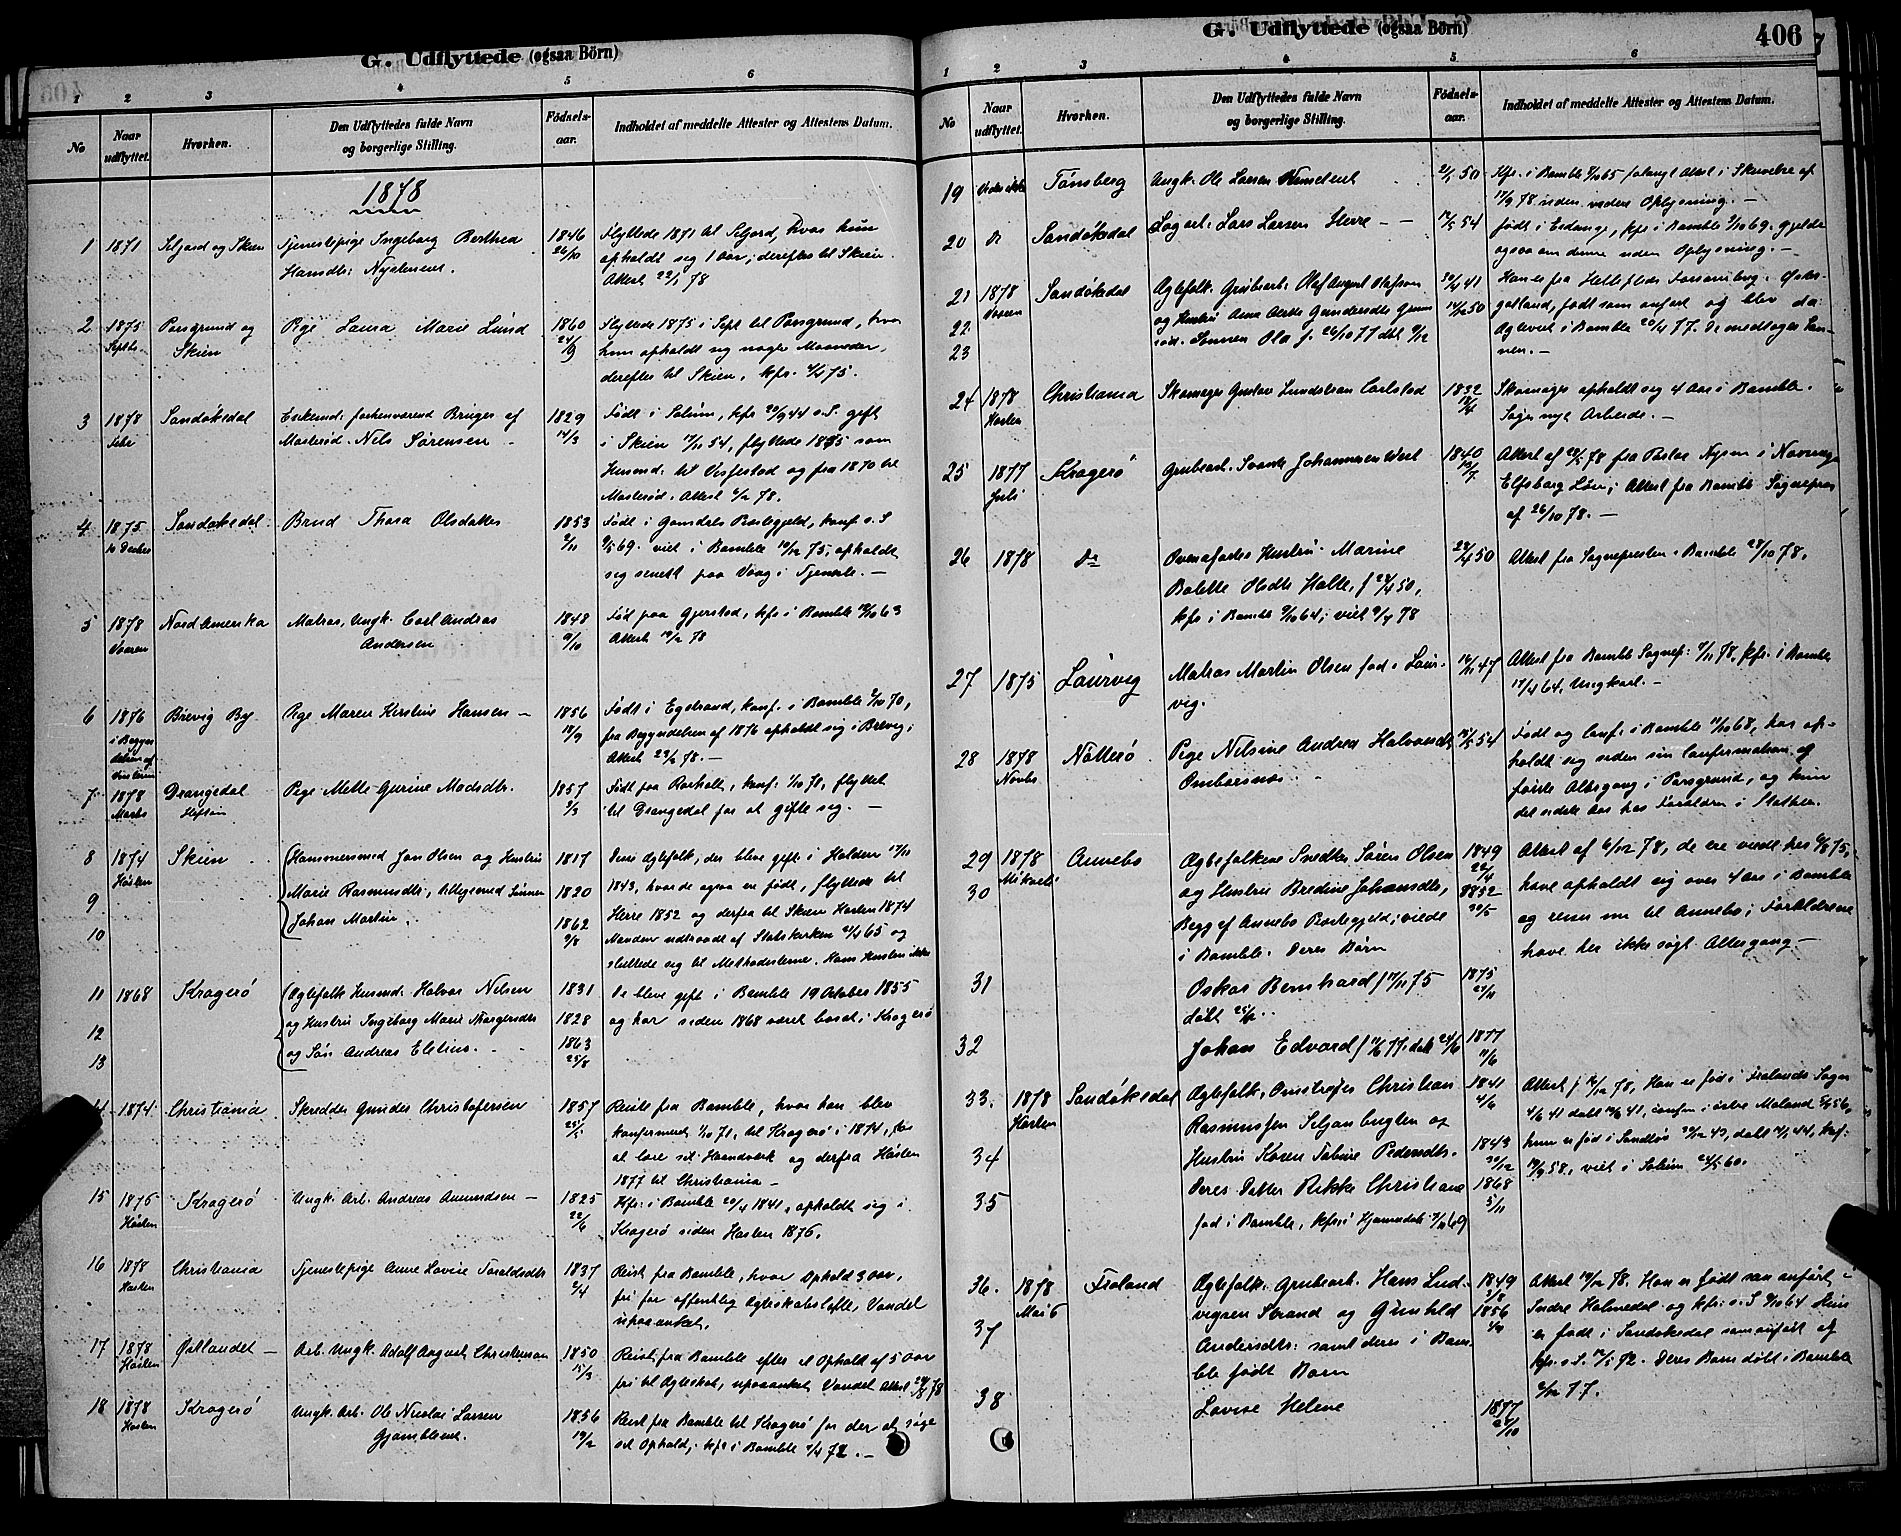 SAKO, Bamble kirkebøker, G/Ga/L0008: Klokkerbok nr. I 8, 1878-1888, s. 406